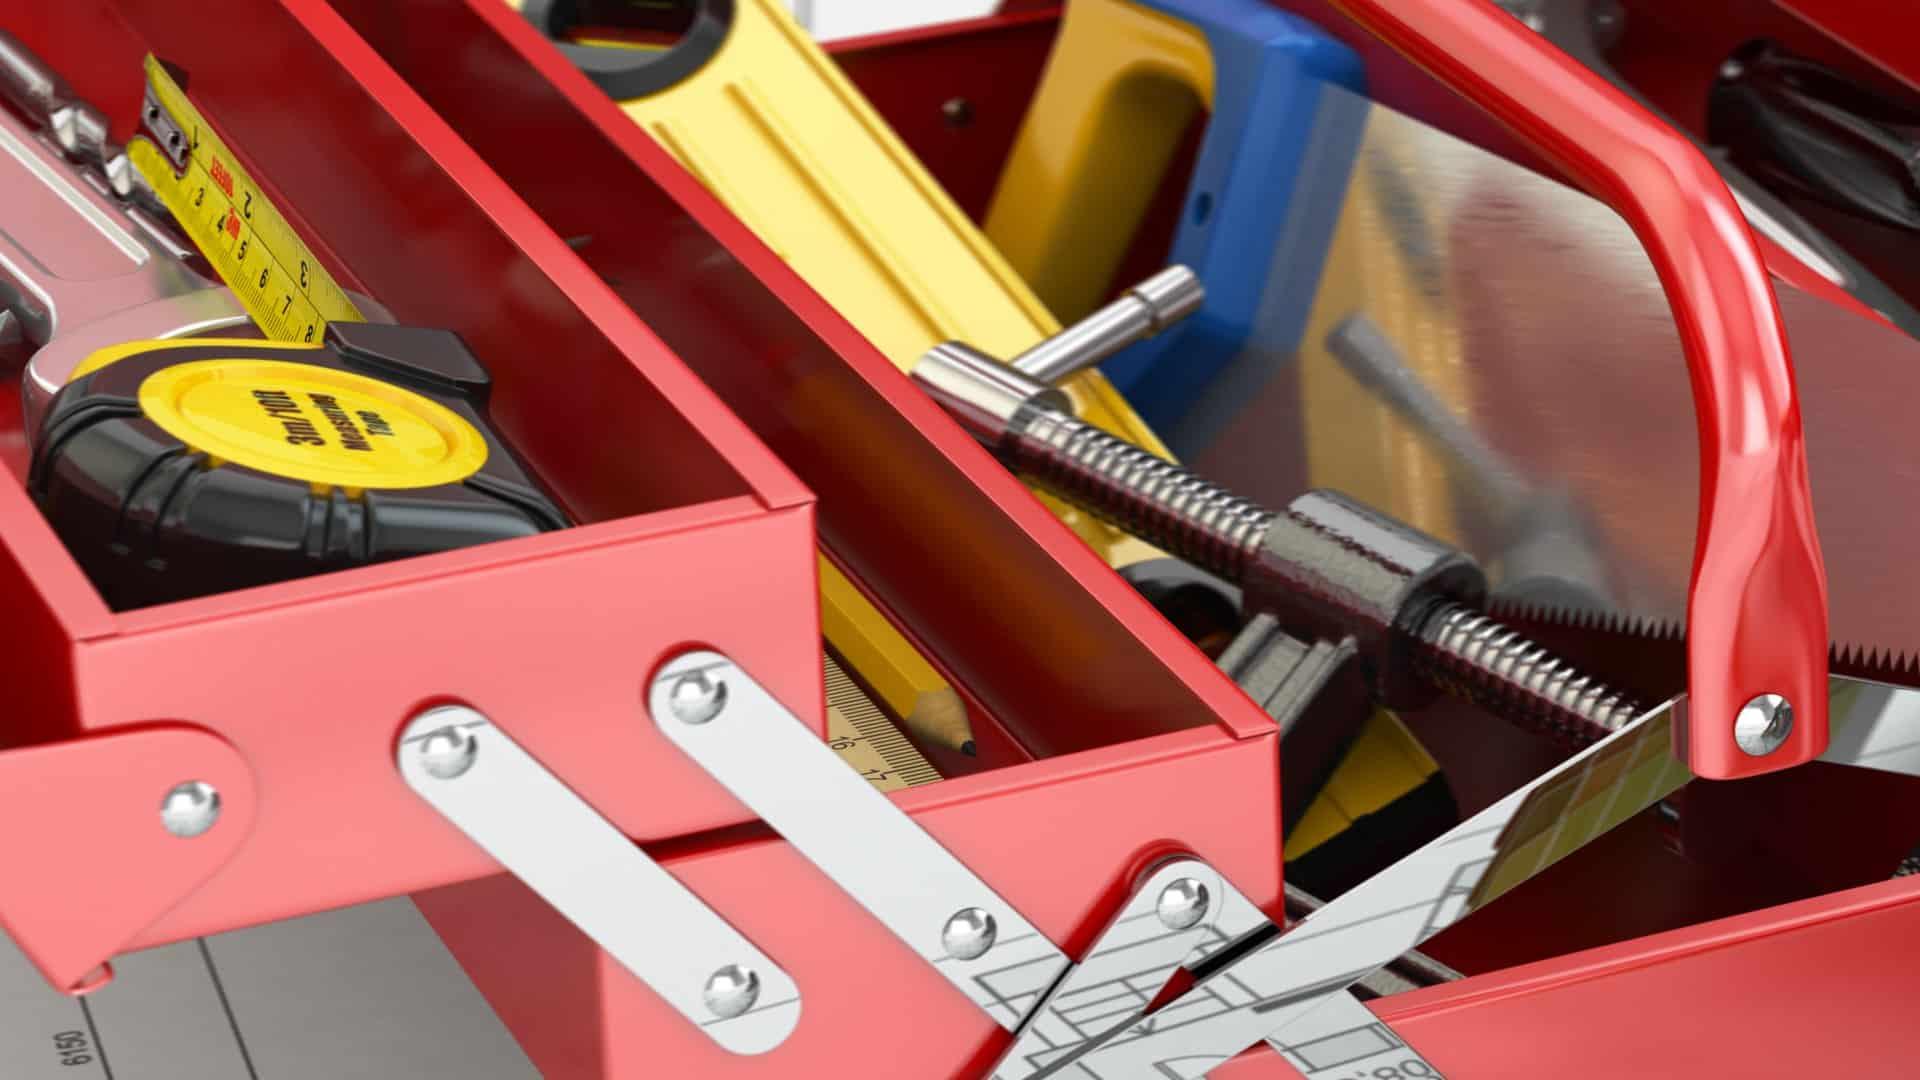 Gereedschapskoffer: Wat zijn de beste gereedschapskoffers van 2020?